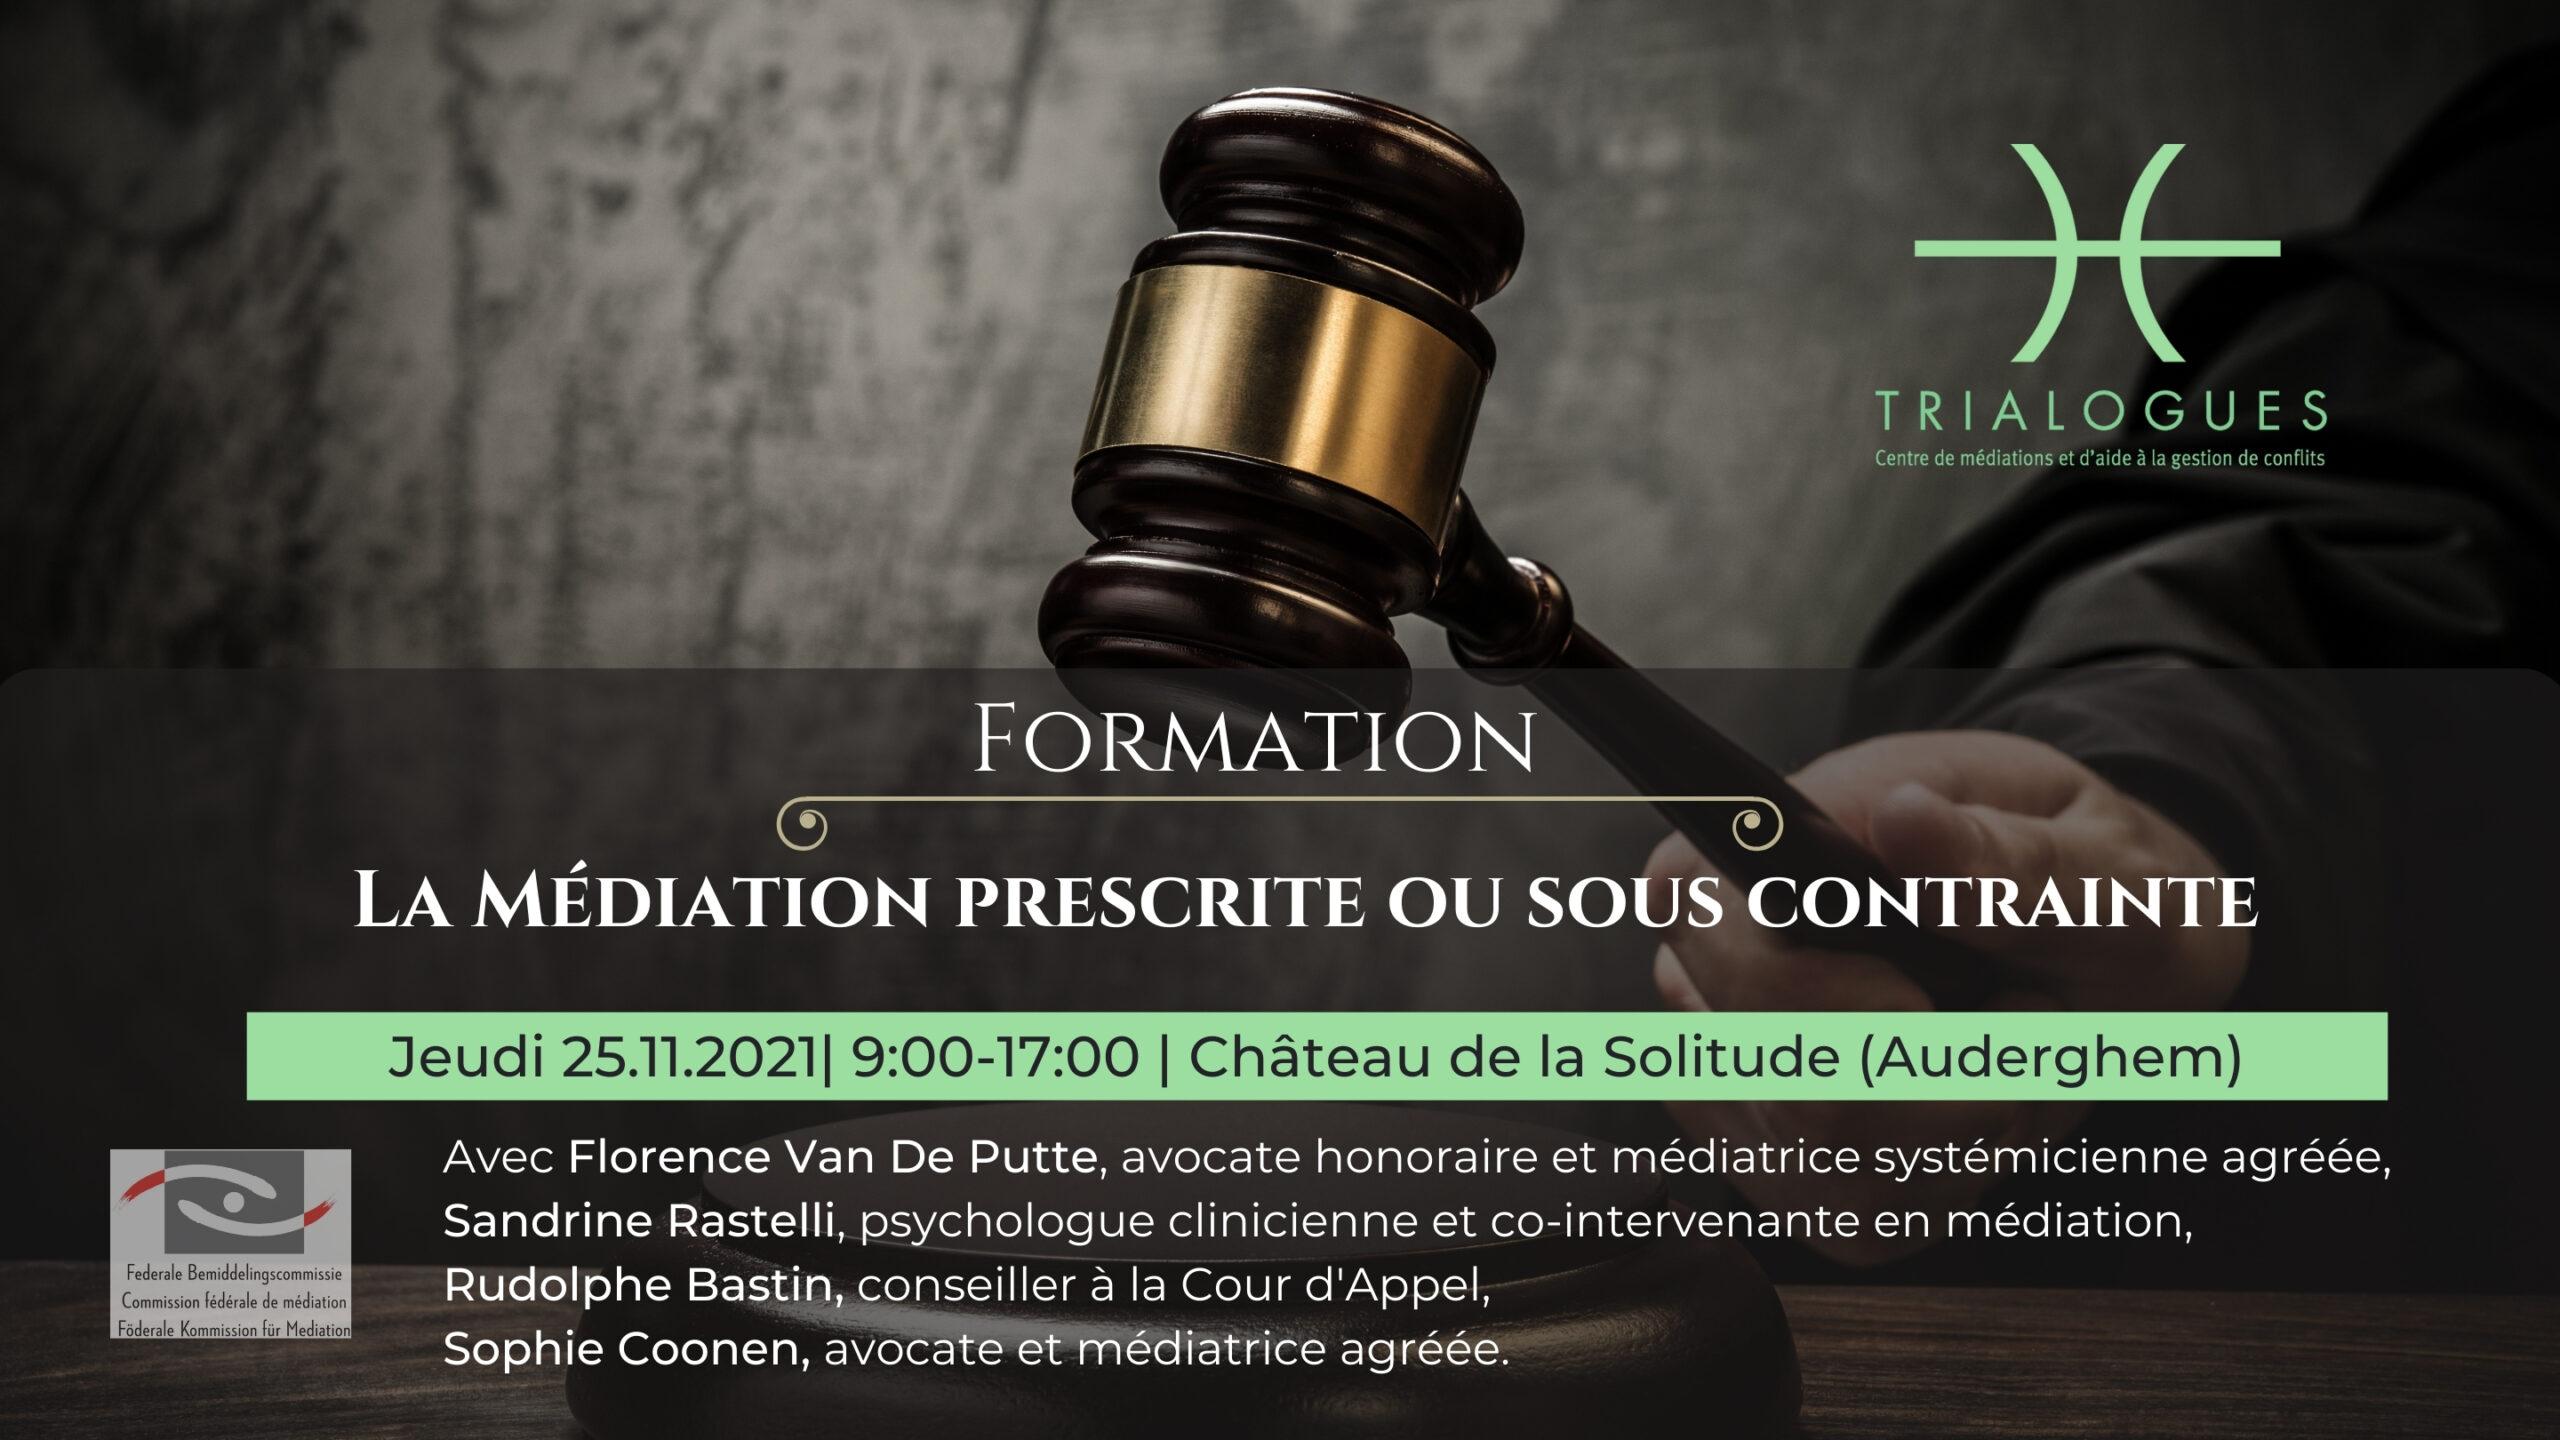 La médiation prescrite ou sous contrainte